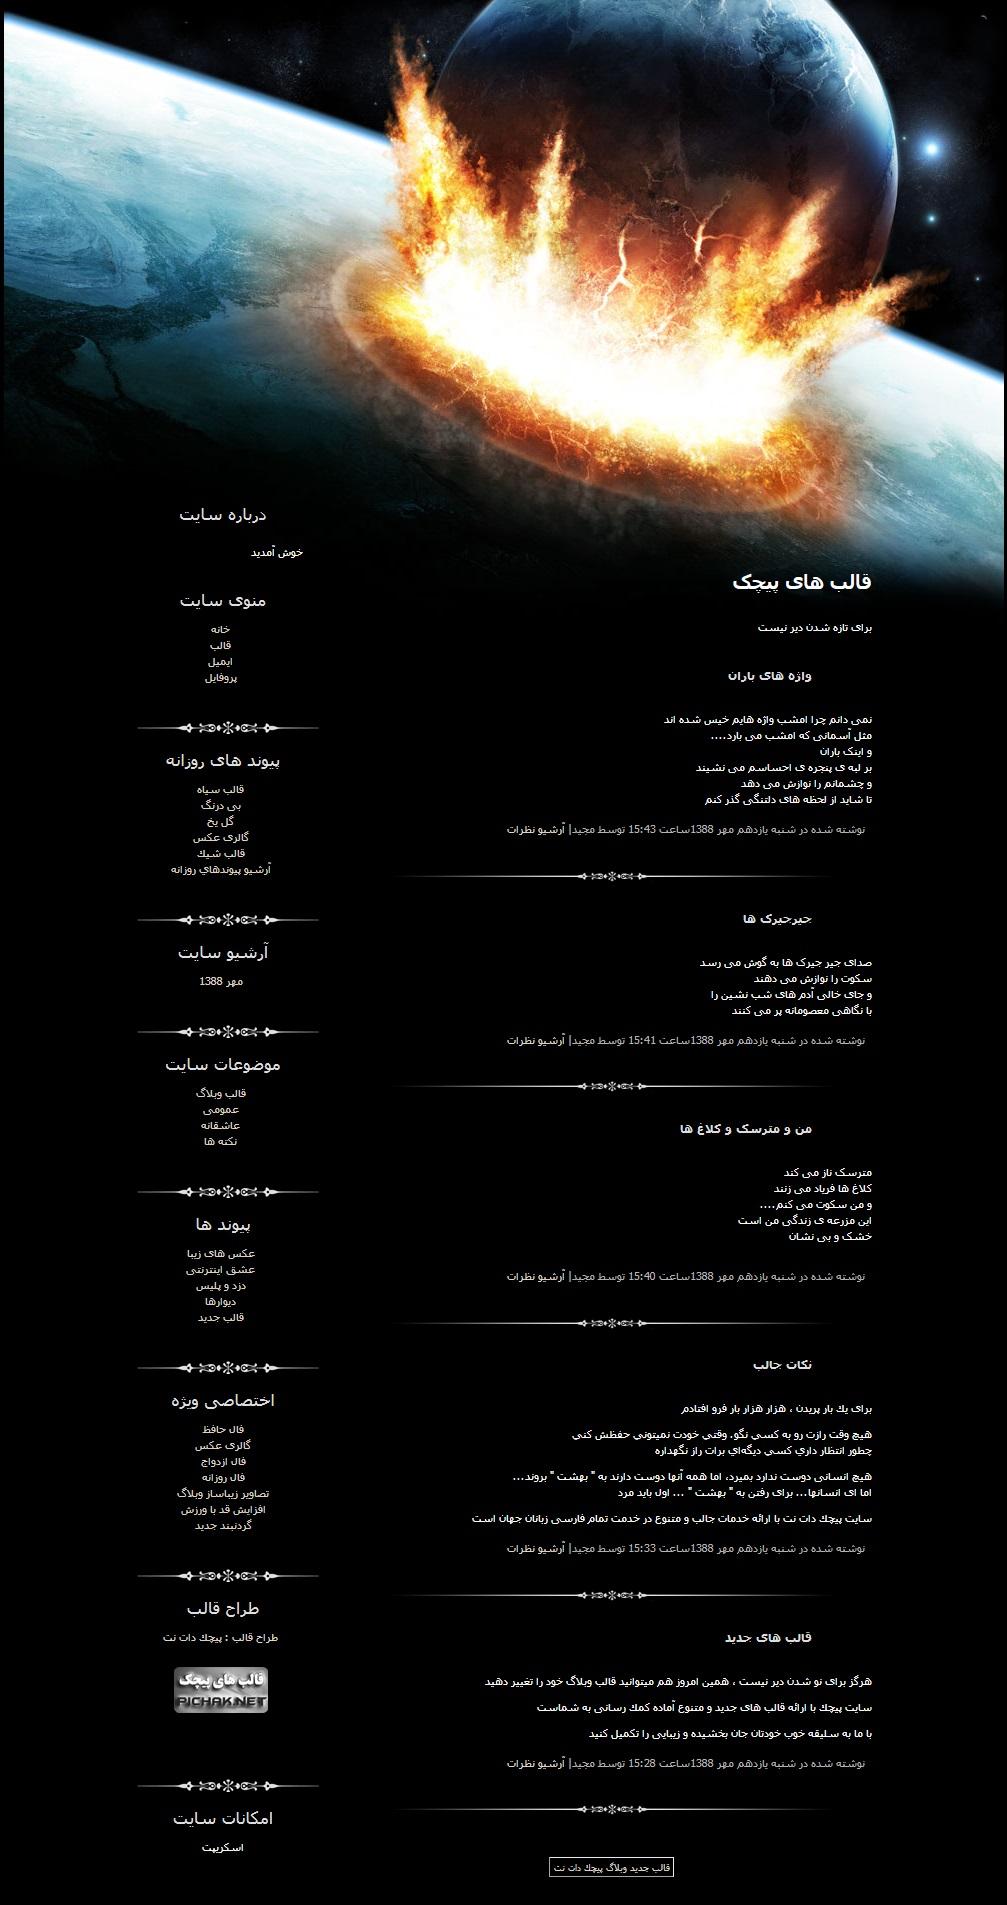 دانلود کد قالب وبلاگ فضای انفجار زمین 1647